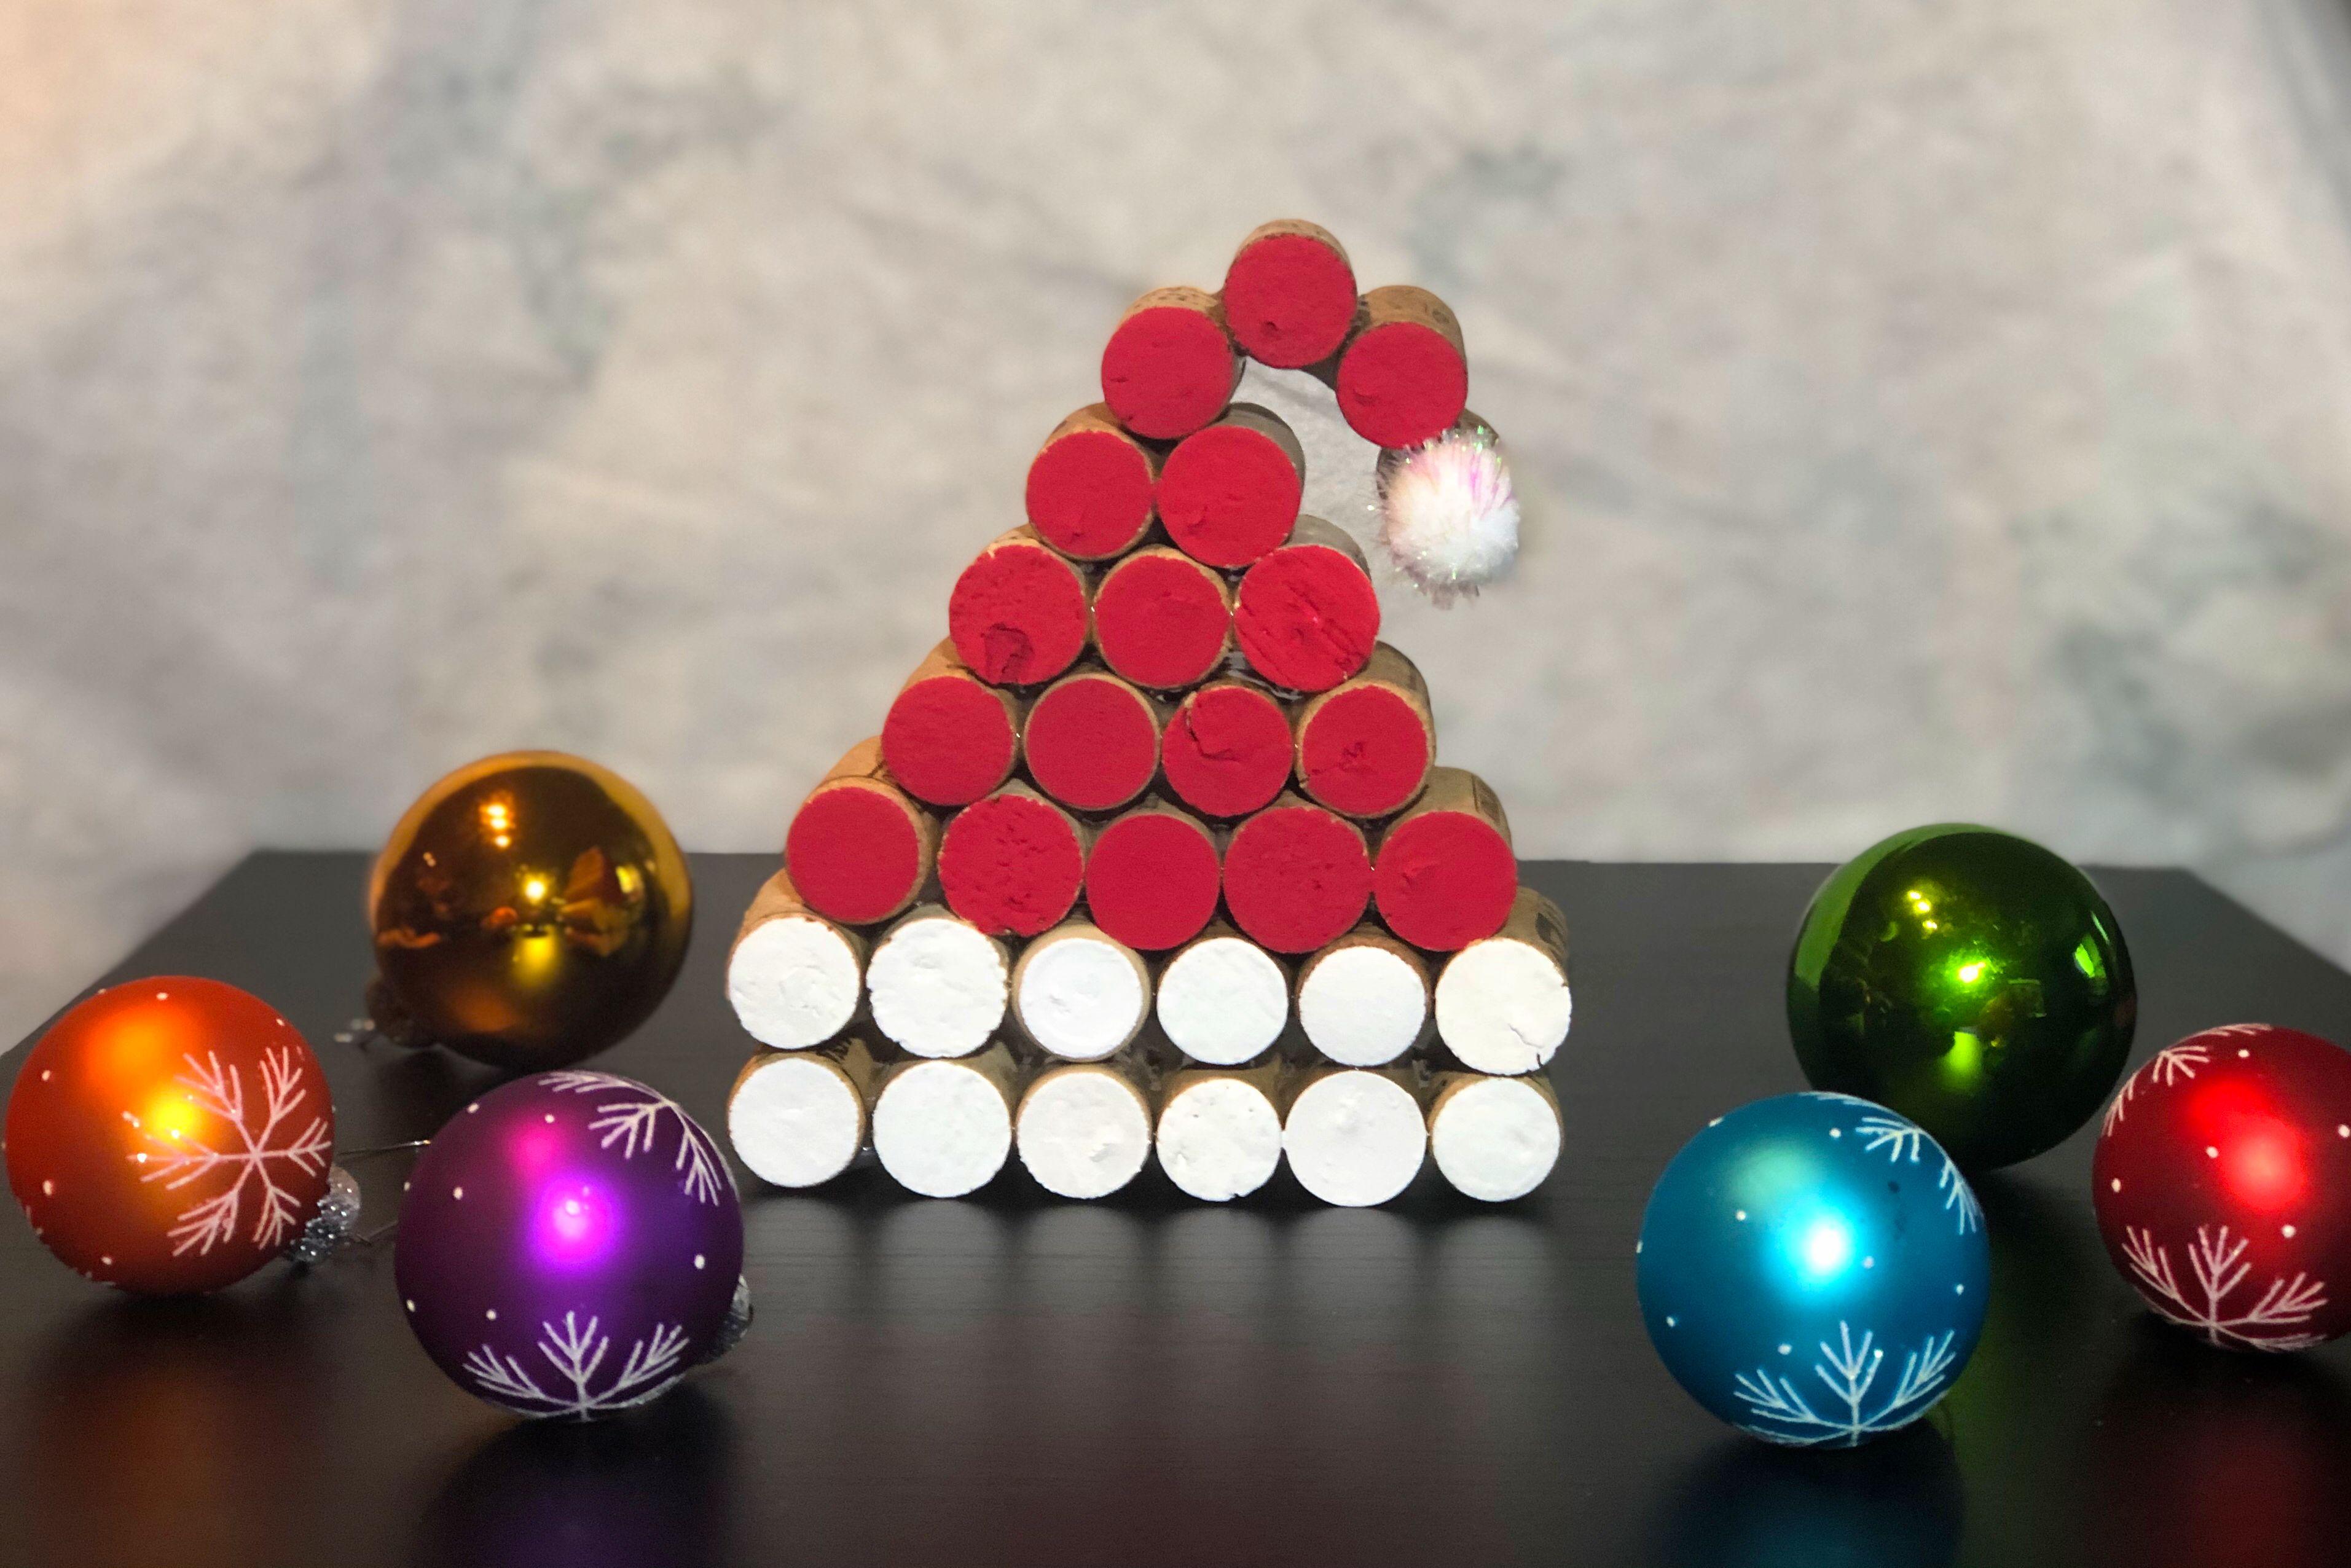 Wine Cork Santa Hat Etsy In 2020 Wine Cork Diy Crafts Wine Cork Crafts Christmas Cork Crafts Christmas